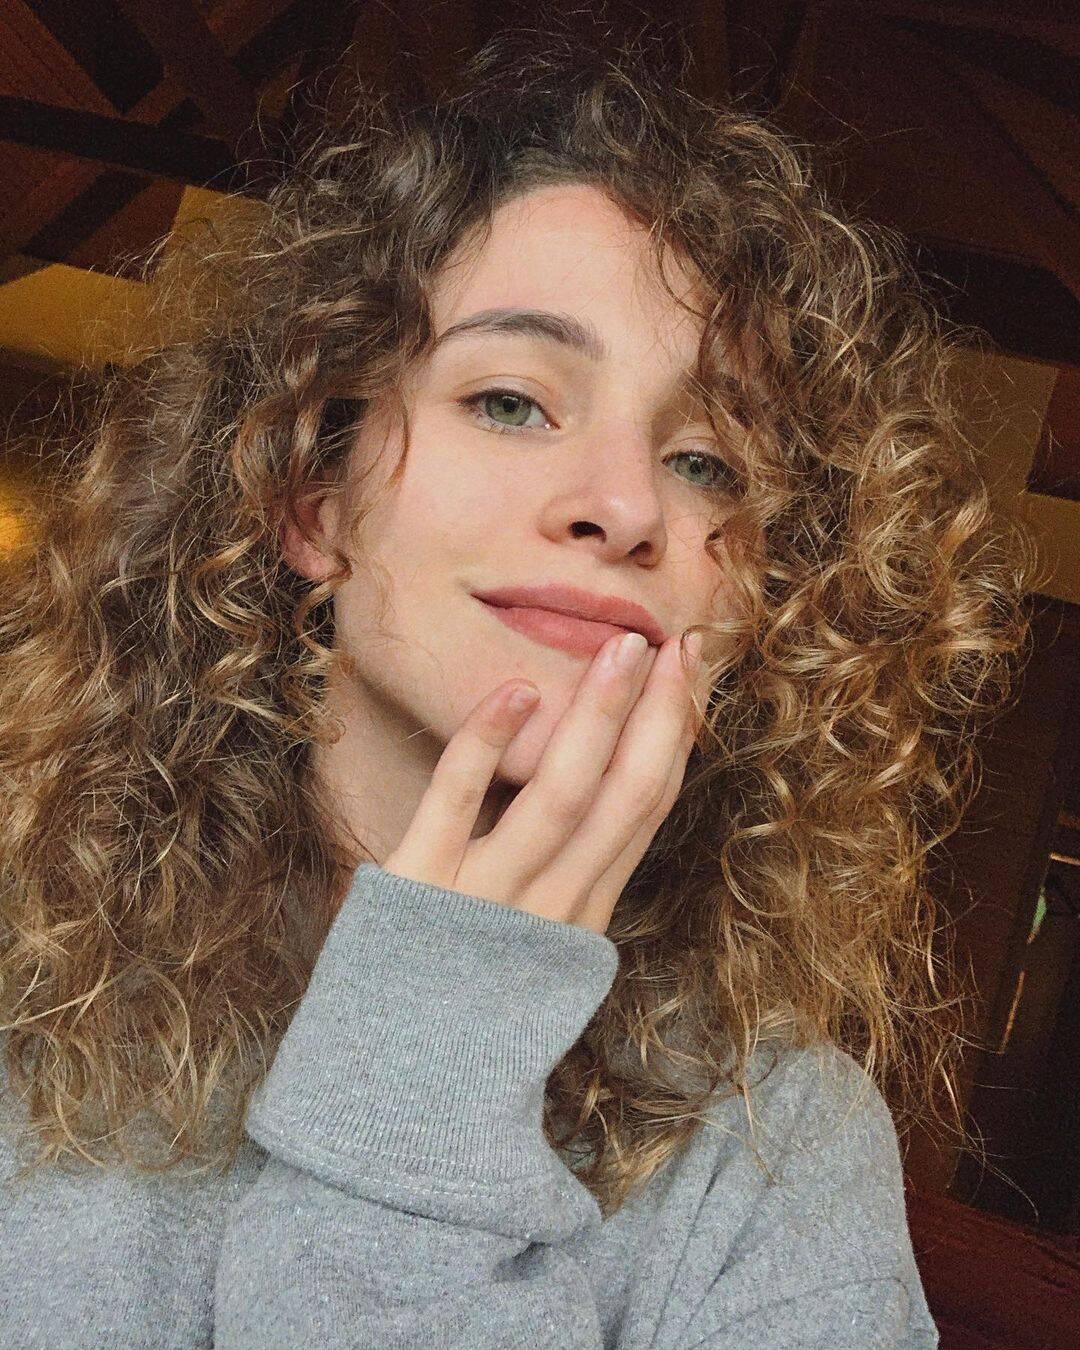 A artista afirma que as agências em que trabalhava exigiam que seu cabelo estivesse liso para realizar os jobs. (Foto: Instagram)